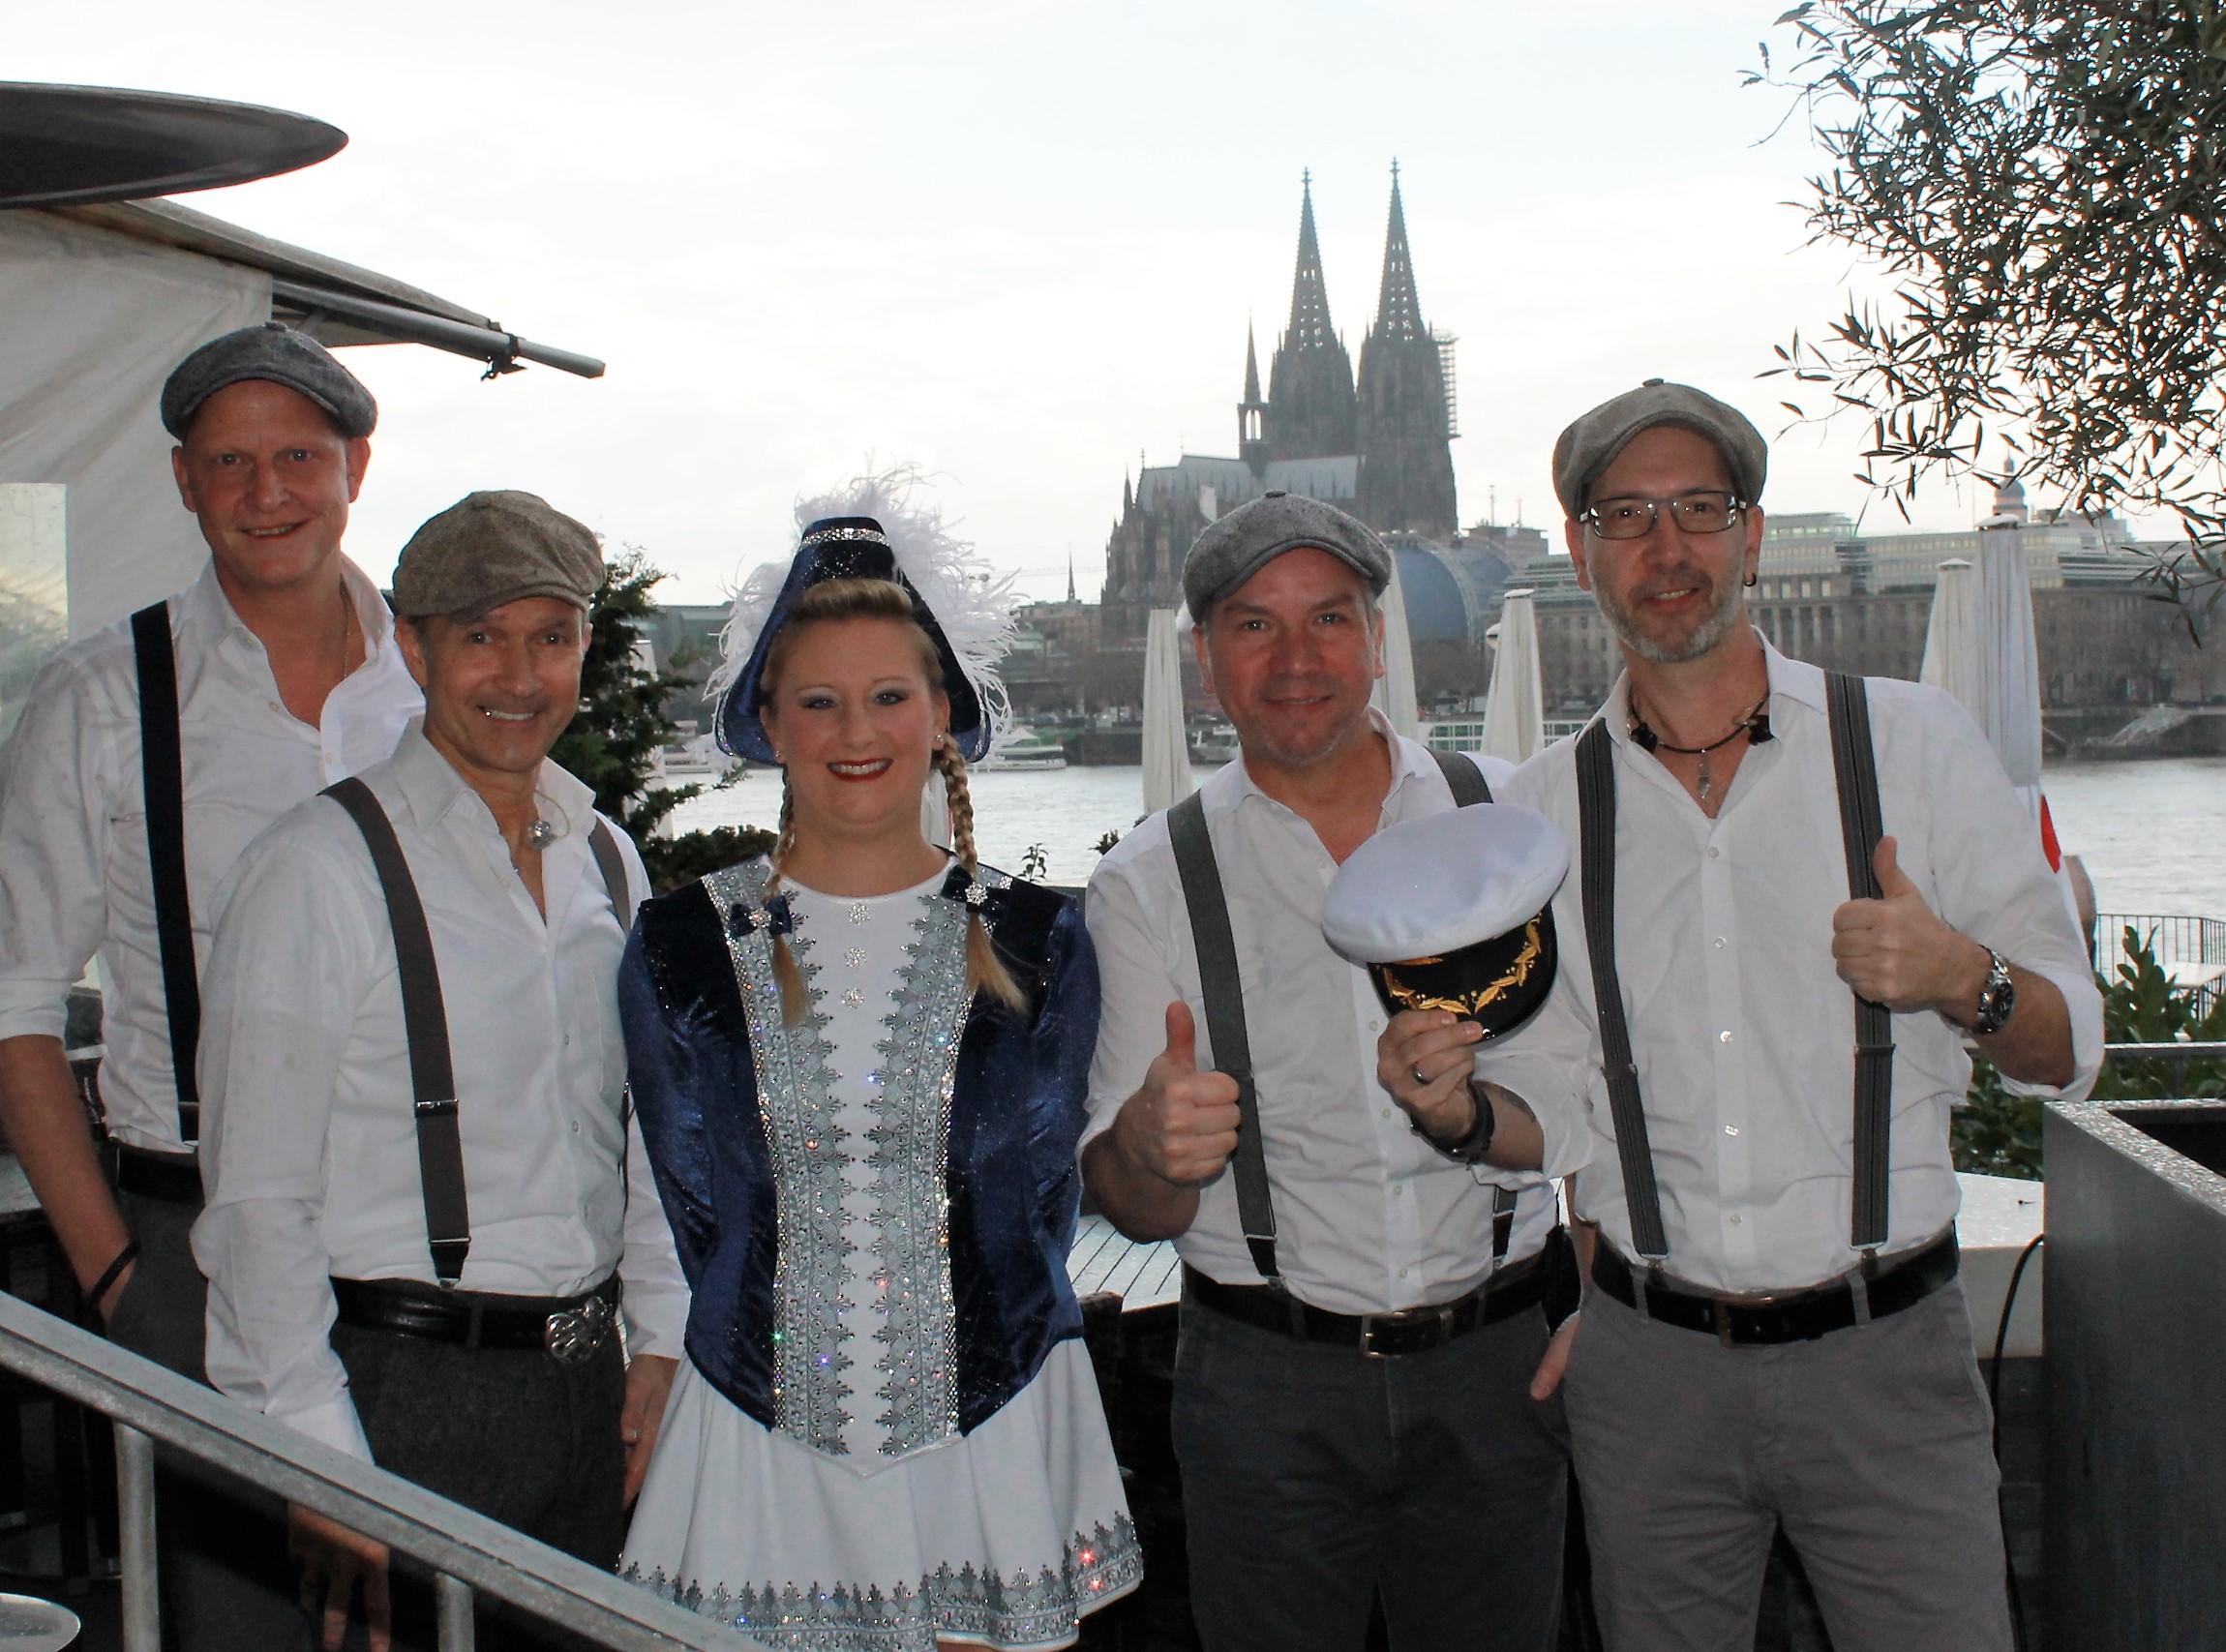 Singen die Jeckliner Hymne für TUI Cruises: Die Kölner Band Klüngelköpp